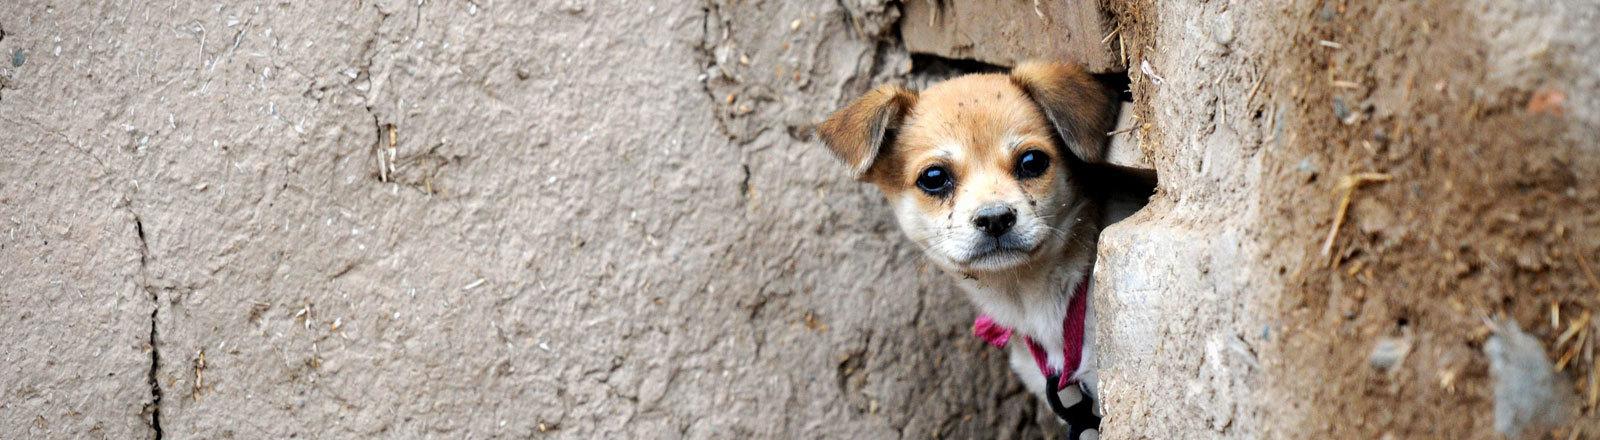 Ein Hund in  der historischen Stadt Yongtai am 30.06.2015 Bezirk Jingtai County, Provinz Gansu in China.